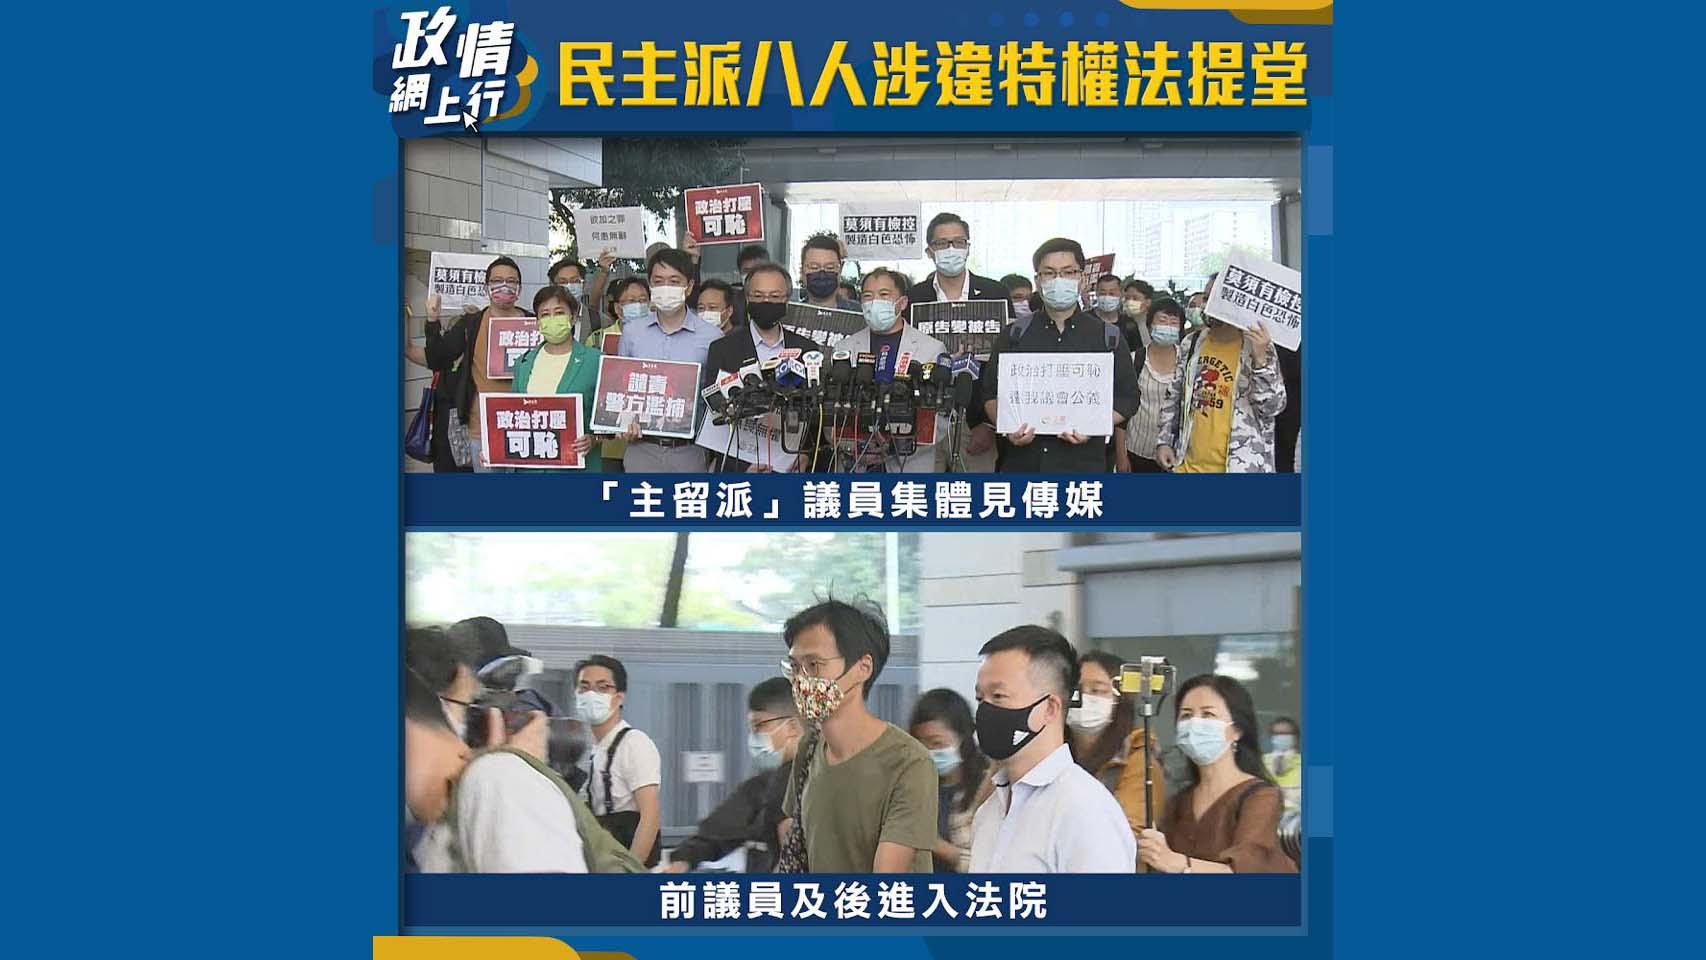 【政情網上行】民主派八人涉違特權法提堂